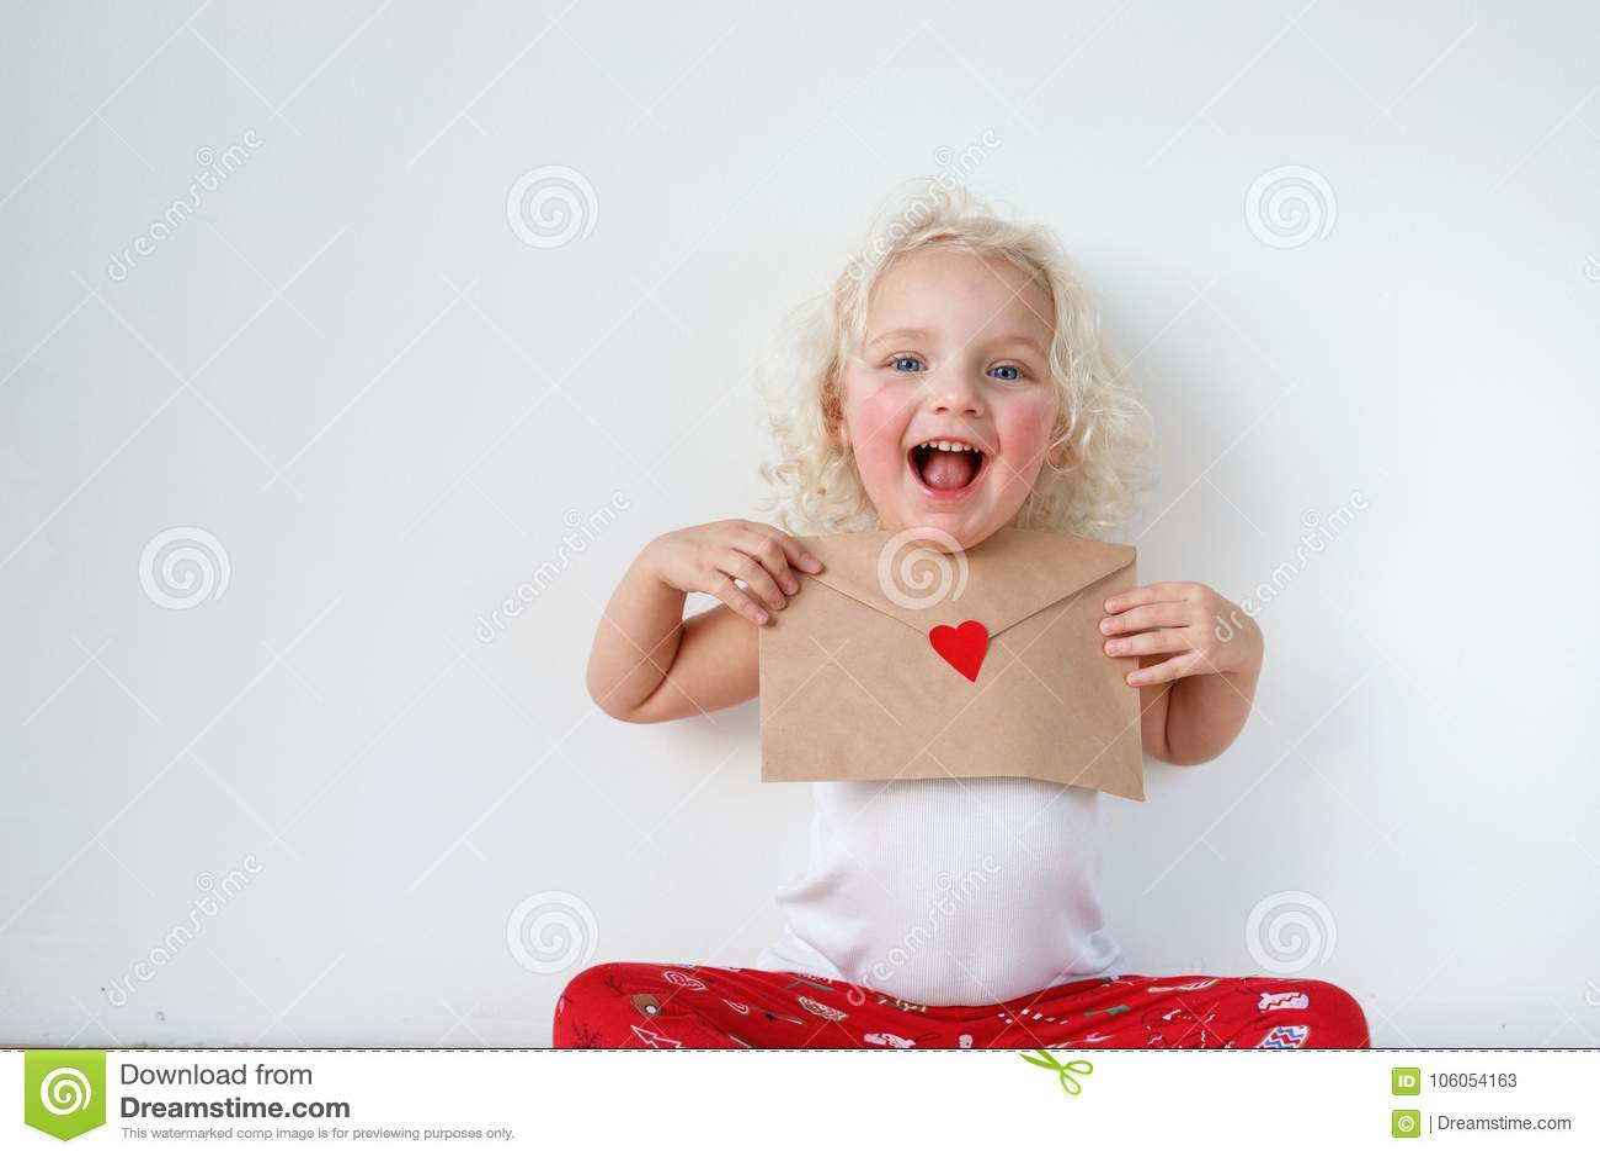 可爱的小孩子画象有快乐的表示,拿着信件给圣诞老人,希望她的梦想实现